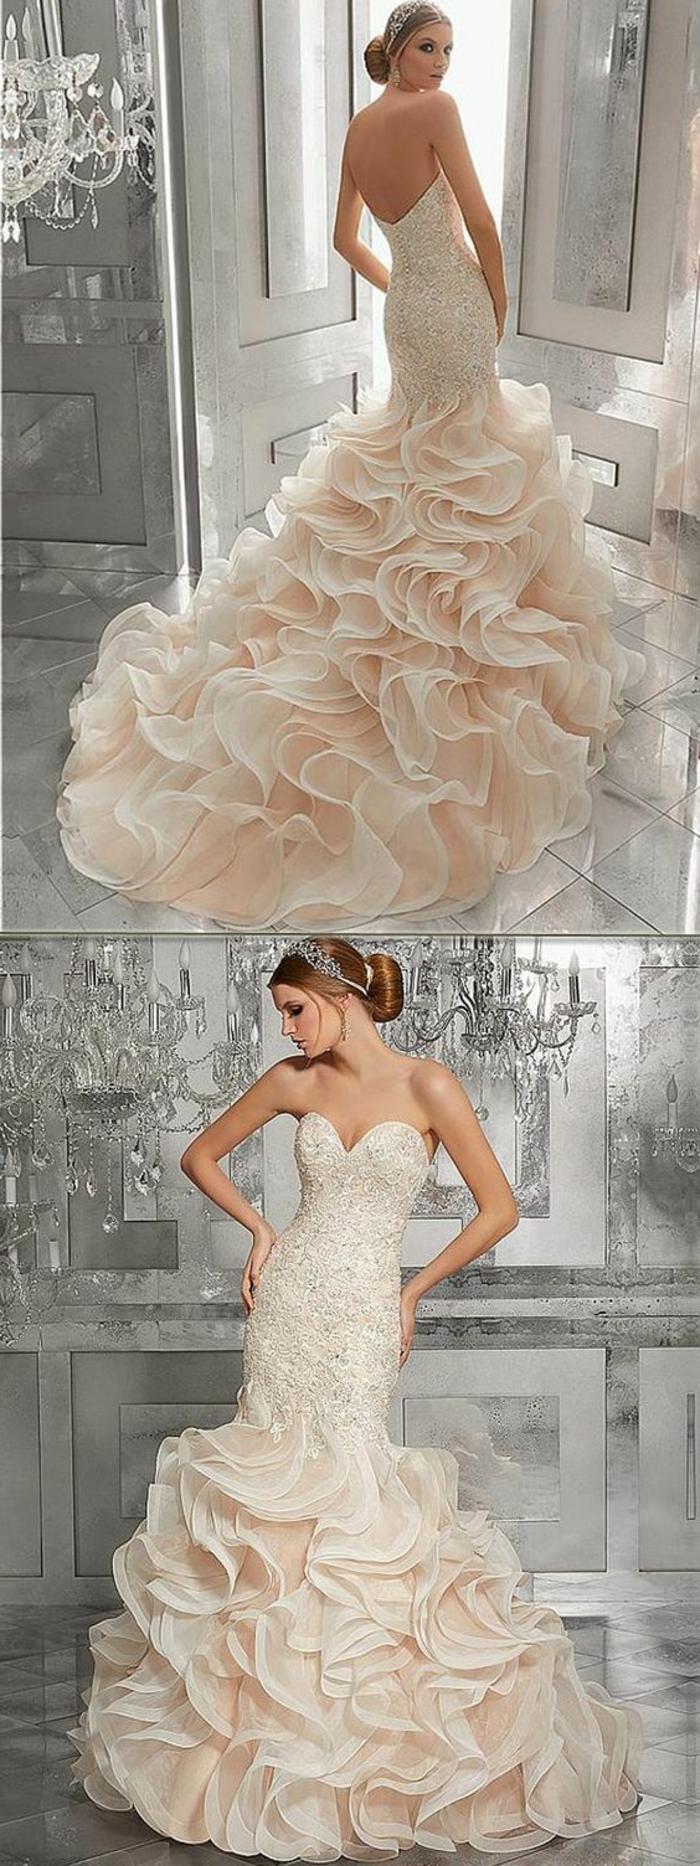 robe sirene mariage, robe de mariée sirène, riche en volants en couleur écrue dans la partie basse, robe sirene mariee, silhouette raffinée